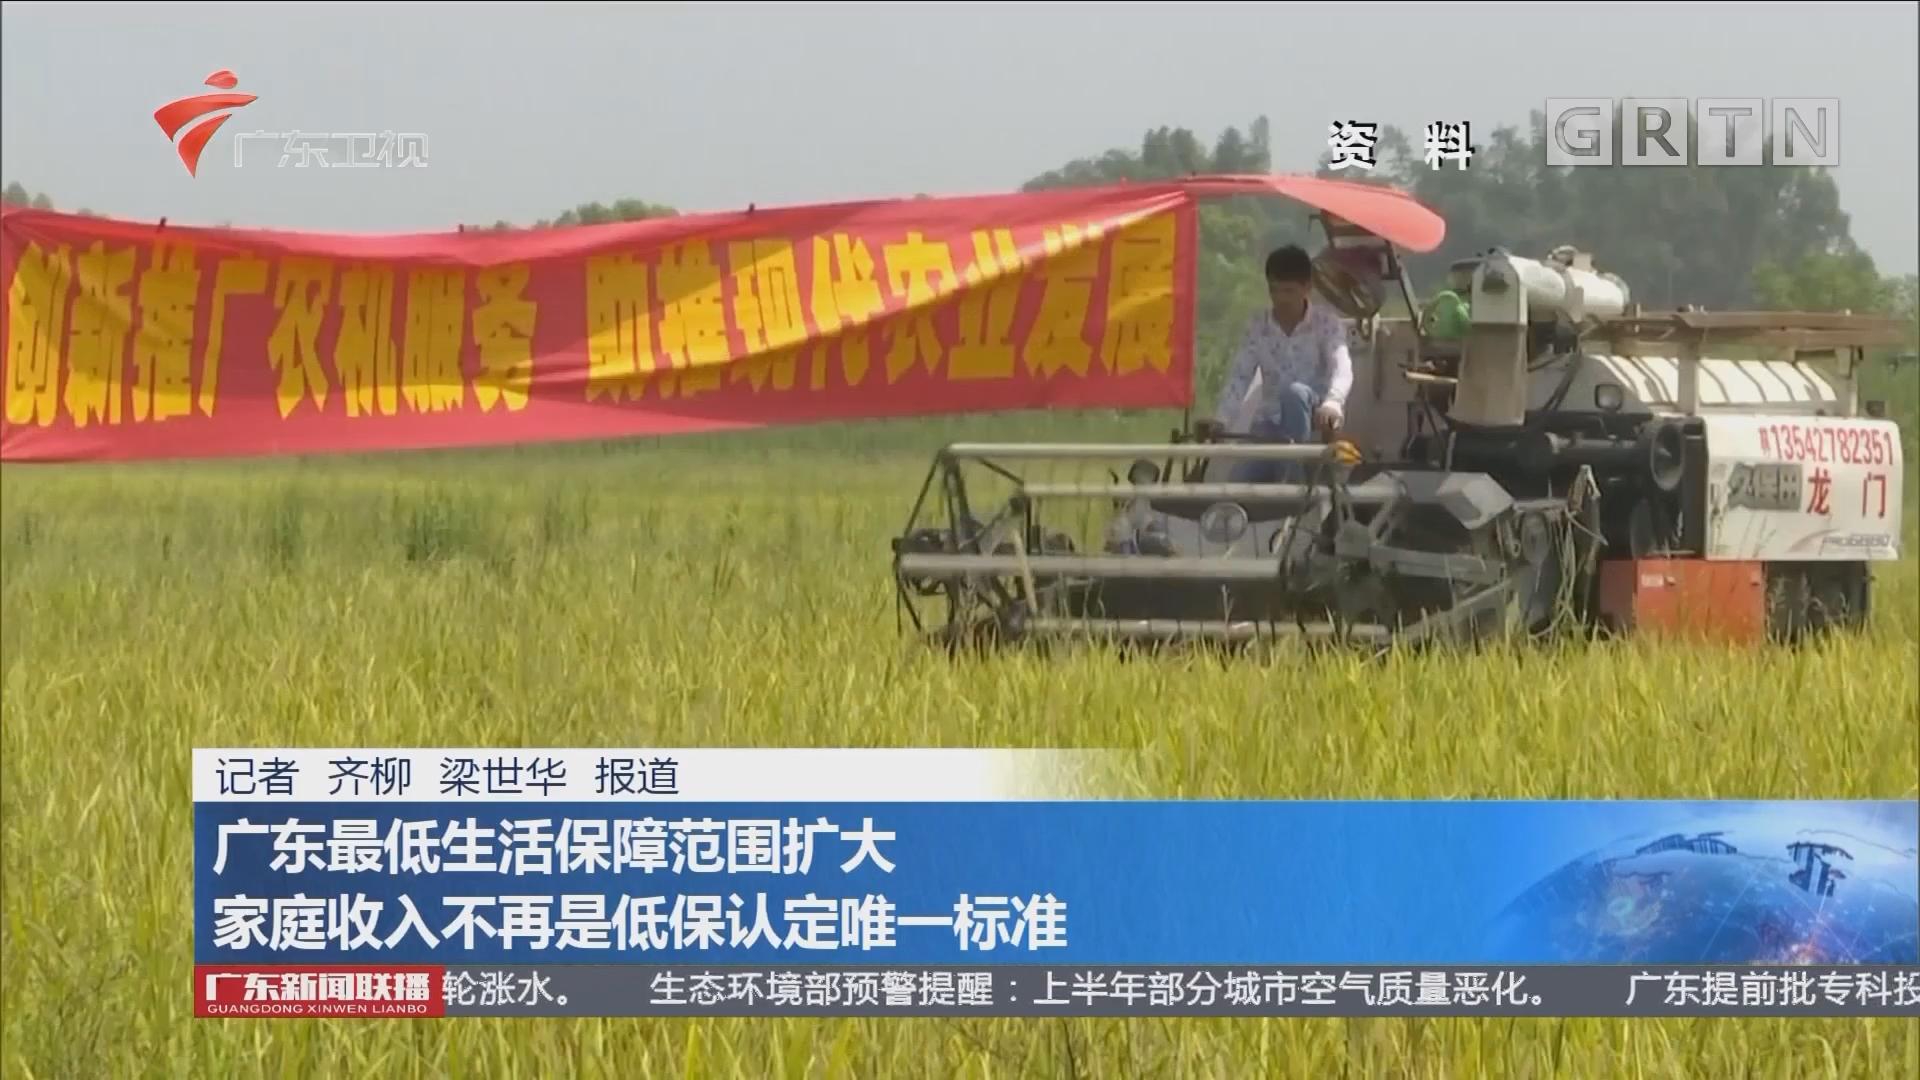 广东最低生活保障范围扩大 家庭收入不再是低保认定唯一标准